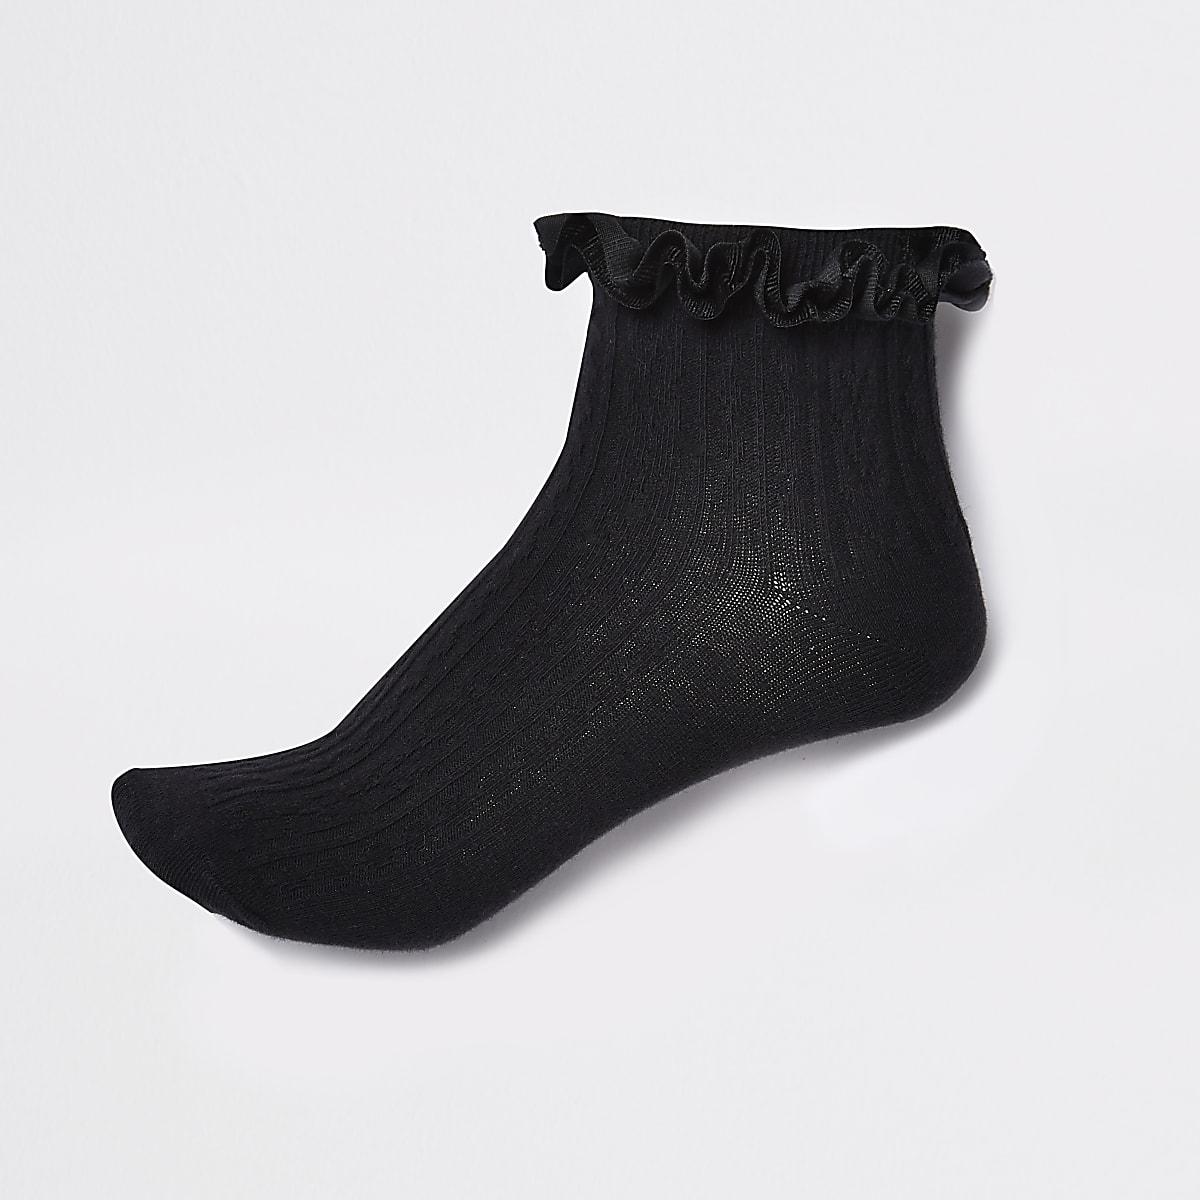 e98e36273 Black velvet cable knit frill ankle socks - Tights   Socks - women